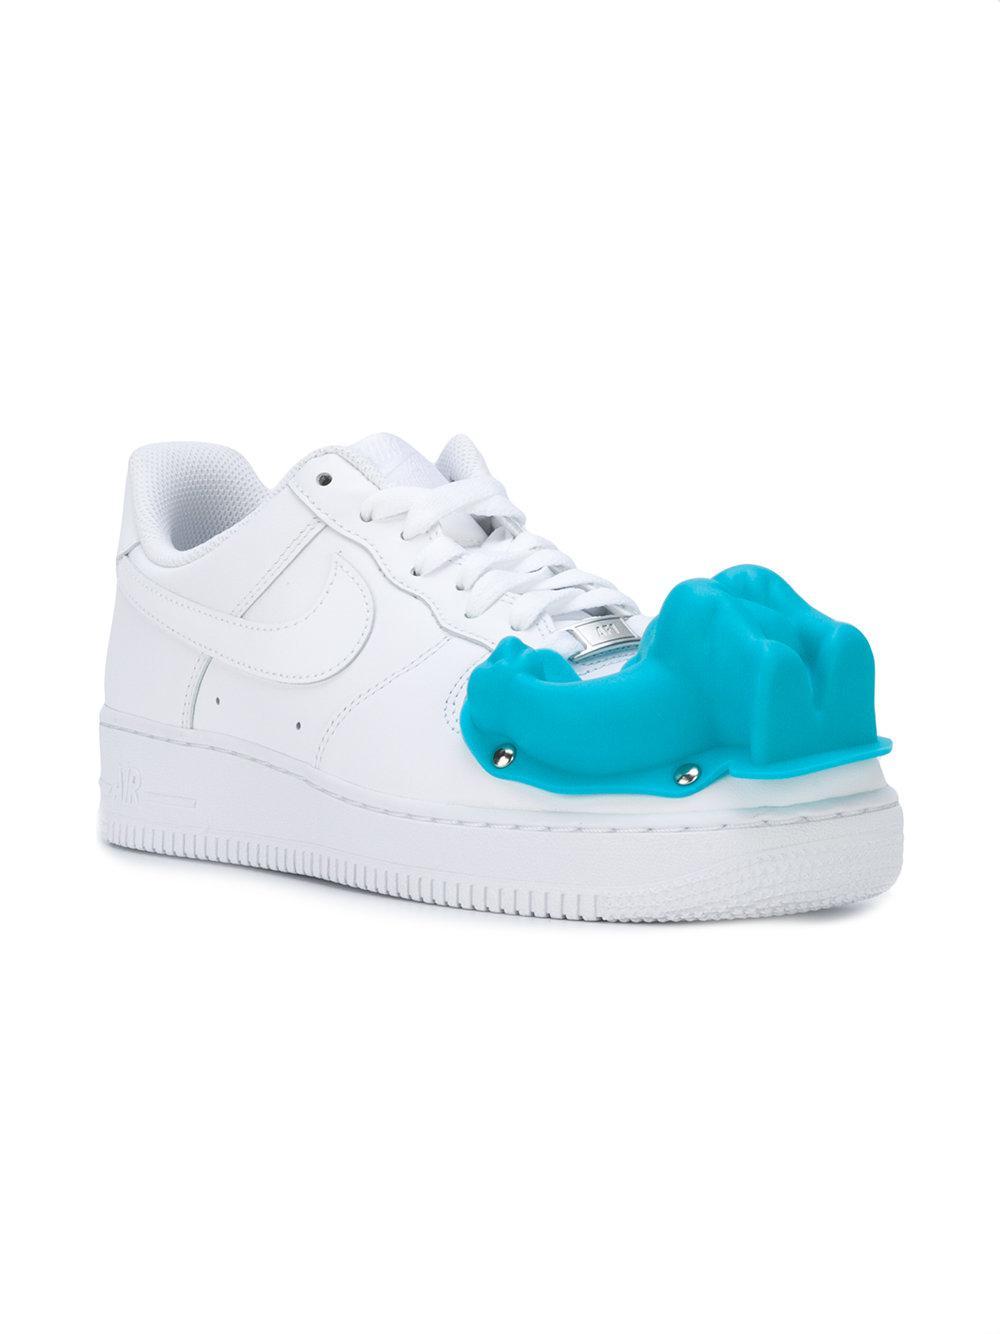 Nike Mayfly Shoes